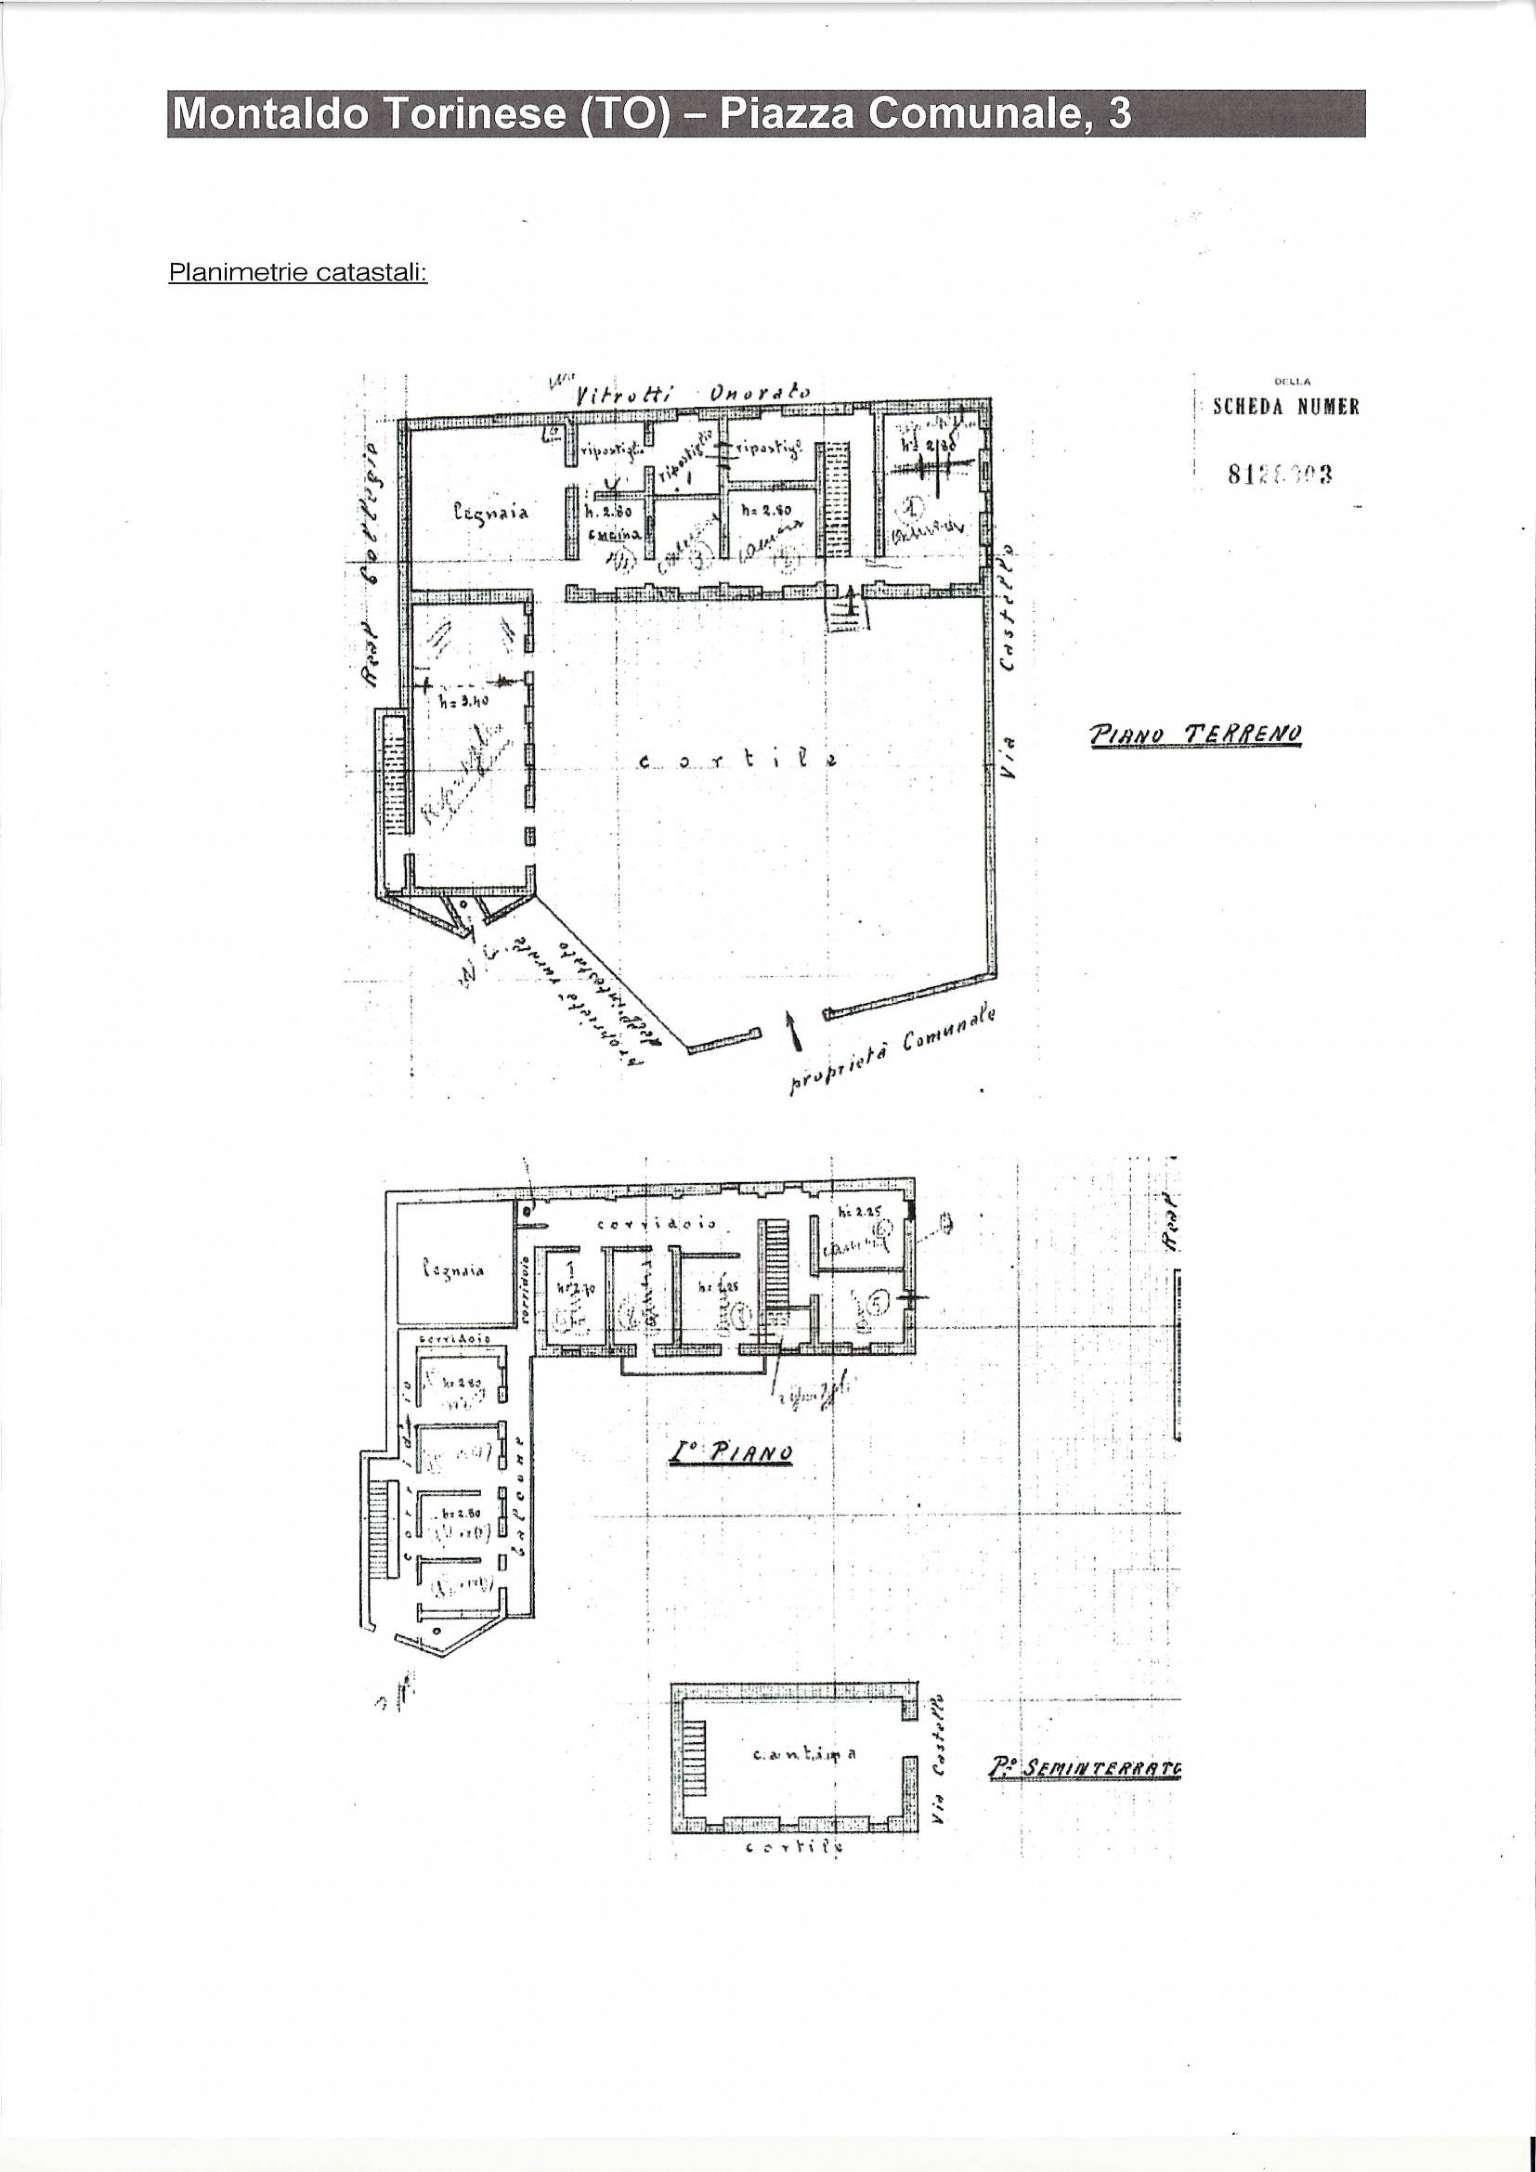 Foto 1 di Stabile - Palazzo piazza Comunale 3, Montaldo Torinese